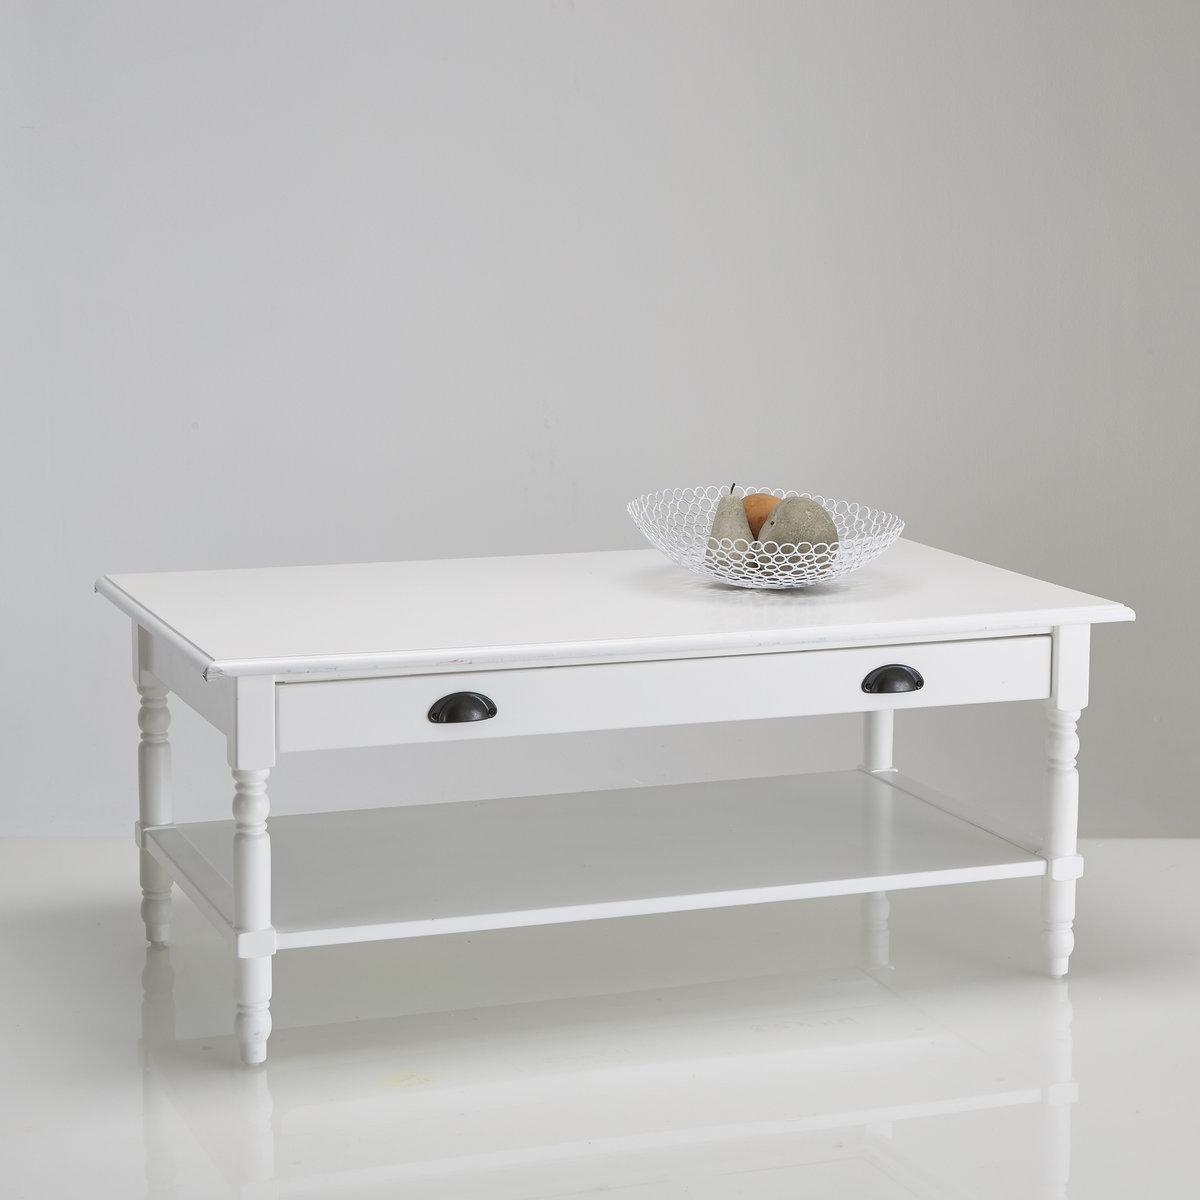 Столик La Redoute Журнальный из массива сосны с ящиком Authentic Style единый размер белый